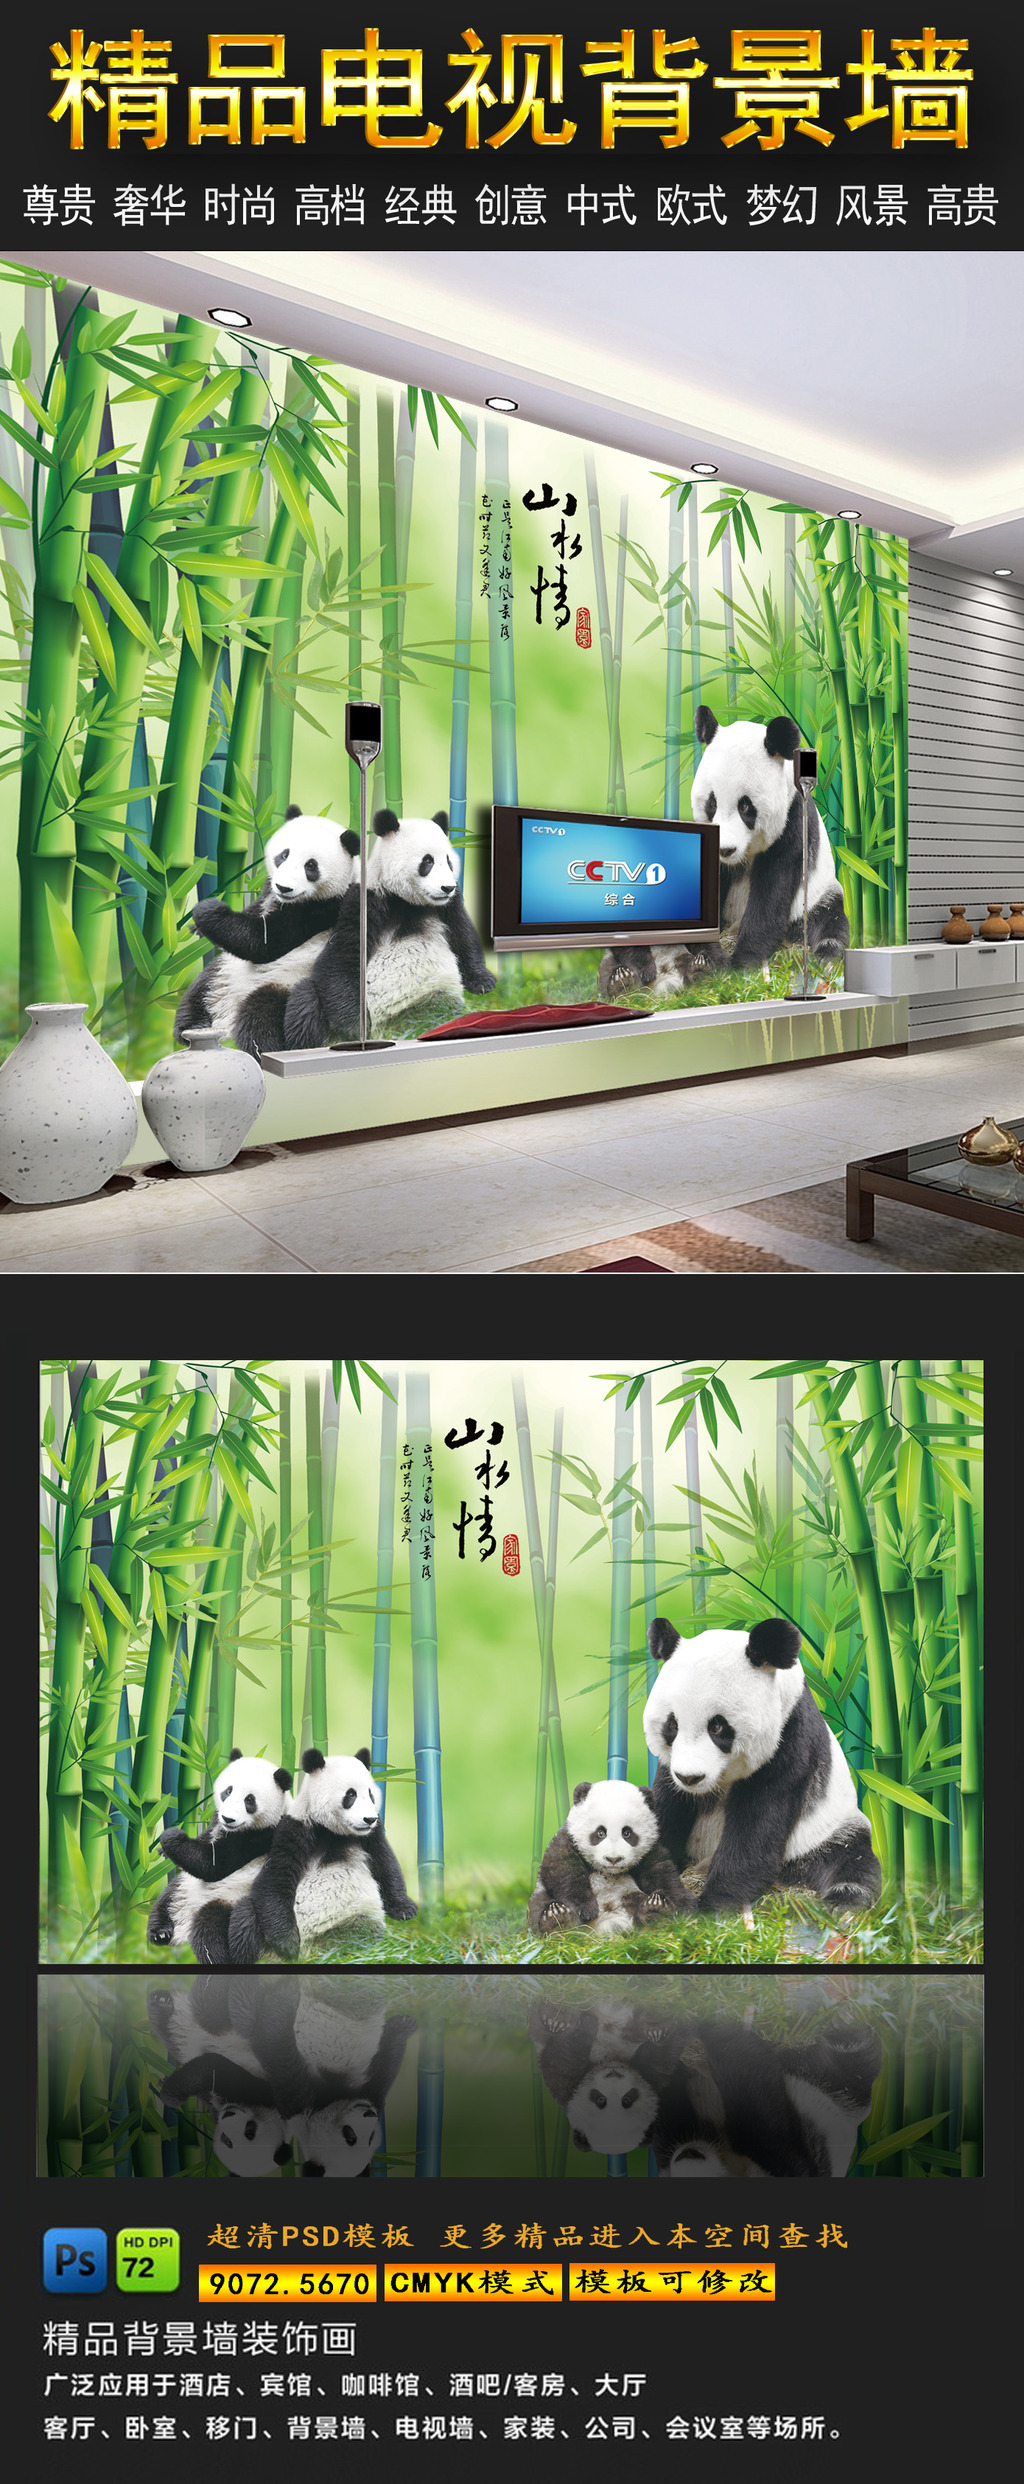 绿色竹林熊猫电视背景墙